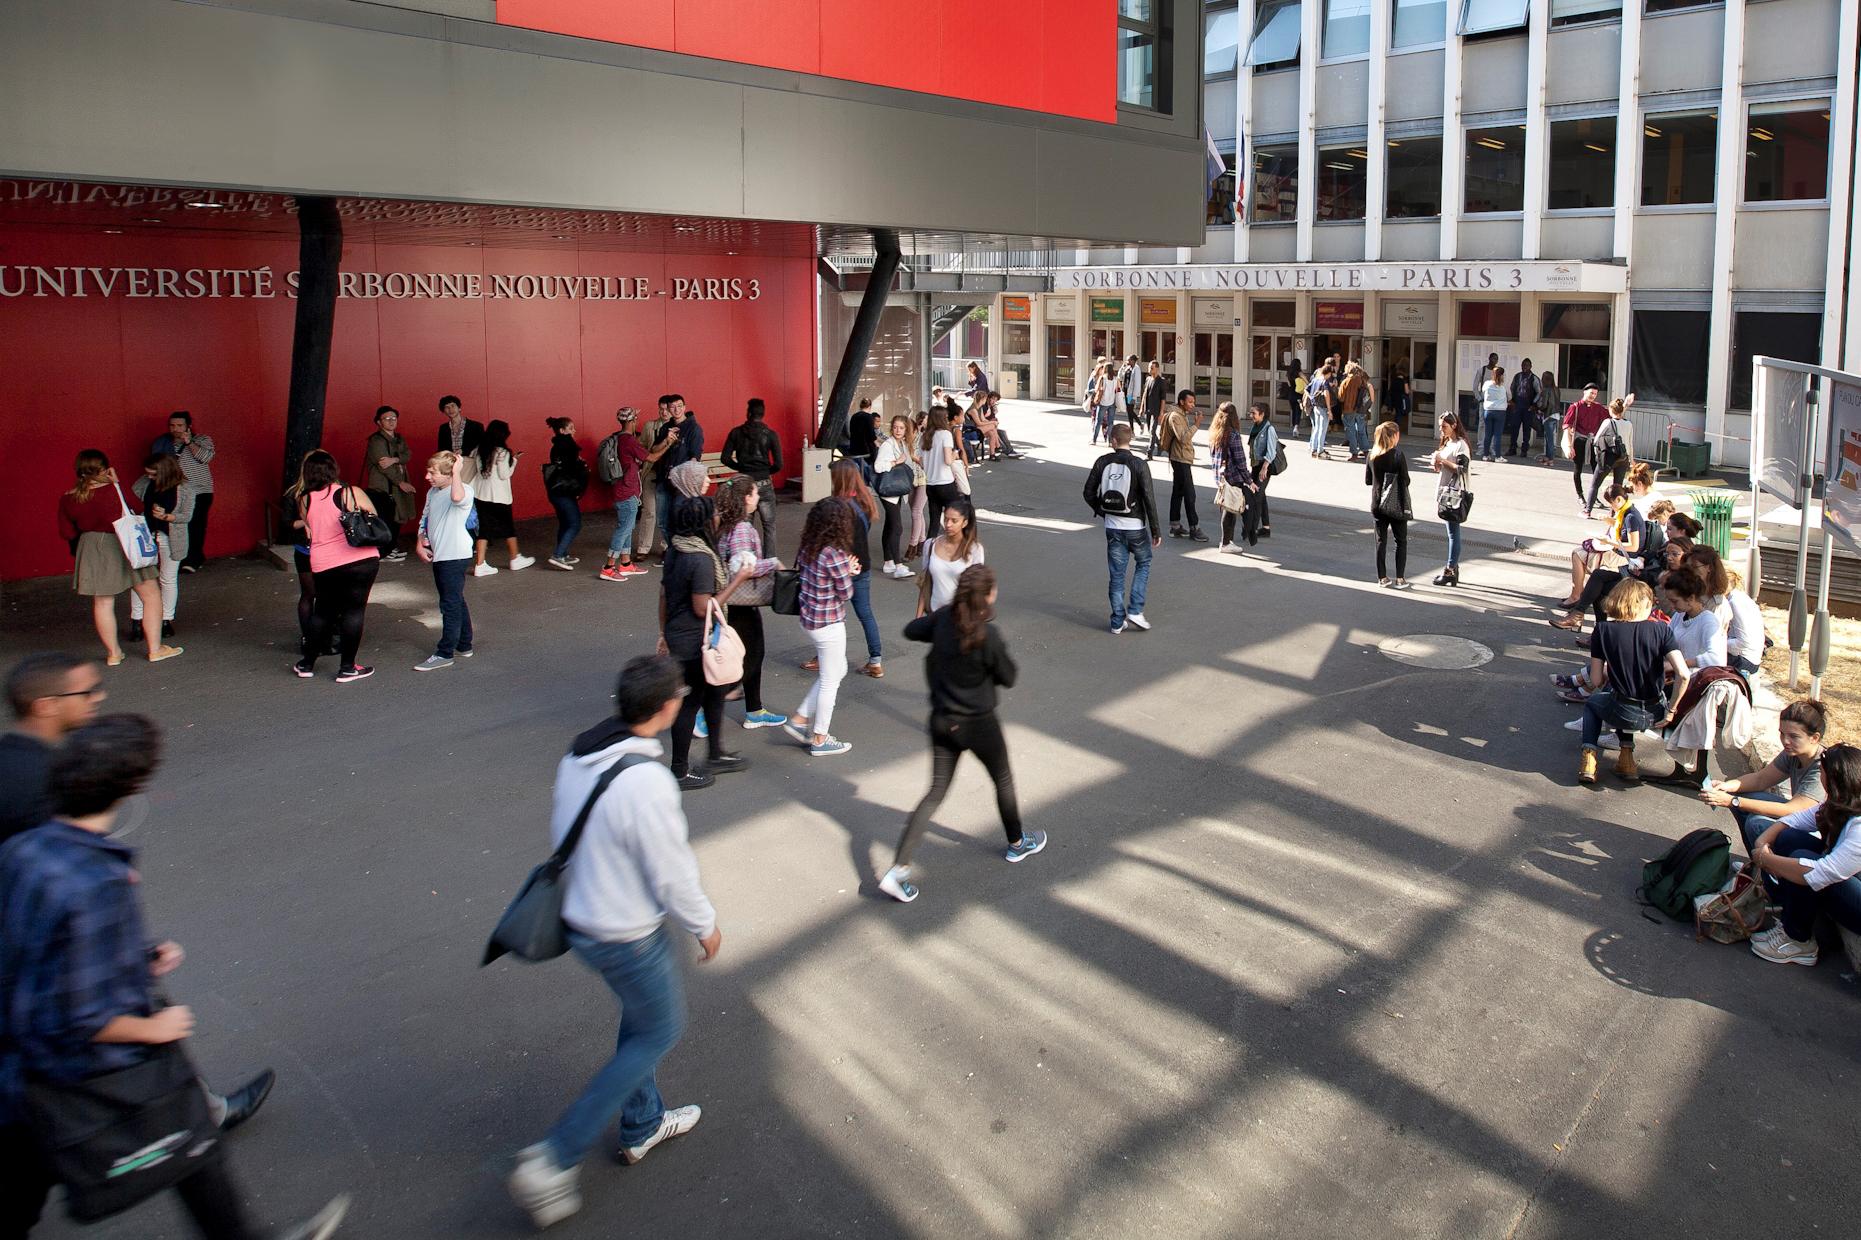 La cour de l'université Sorbonne Nouvelle, pleine d'étudiants